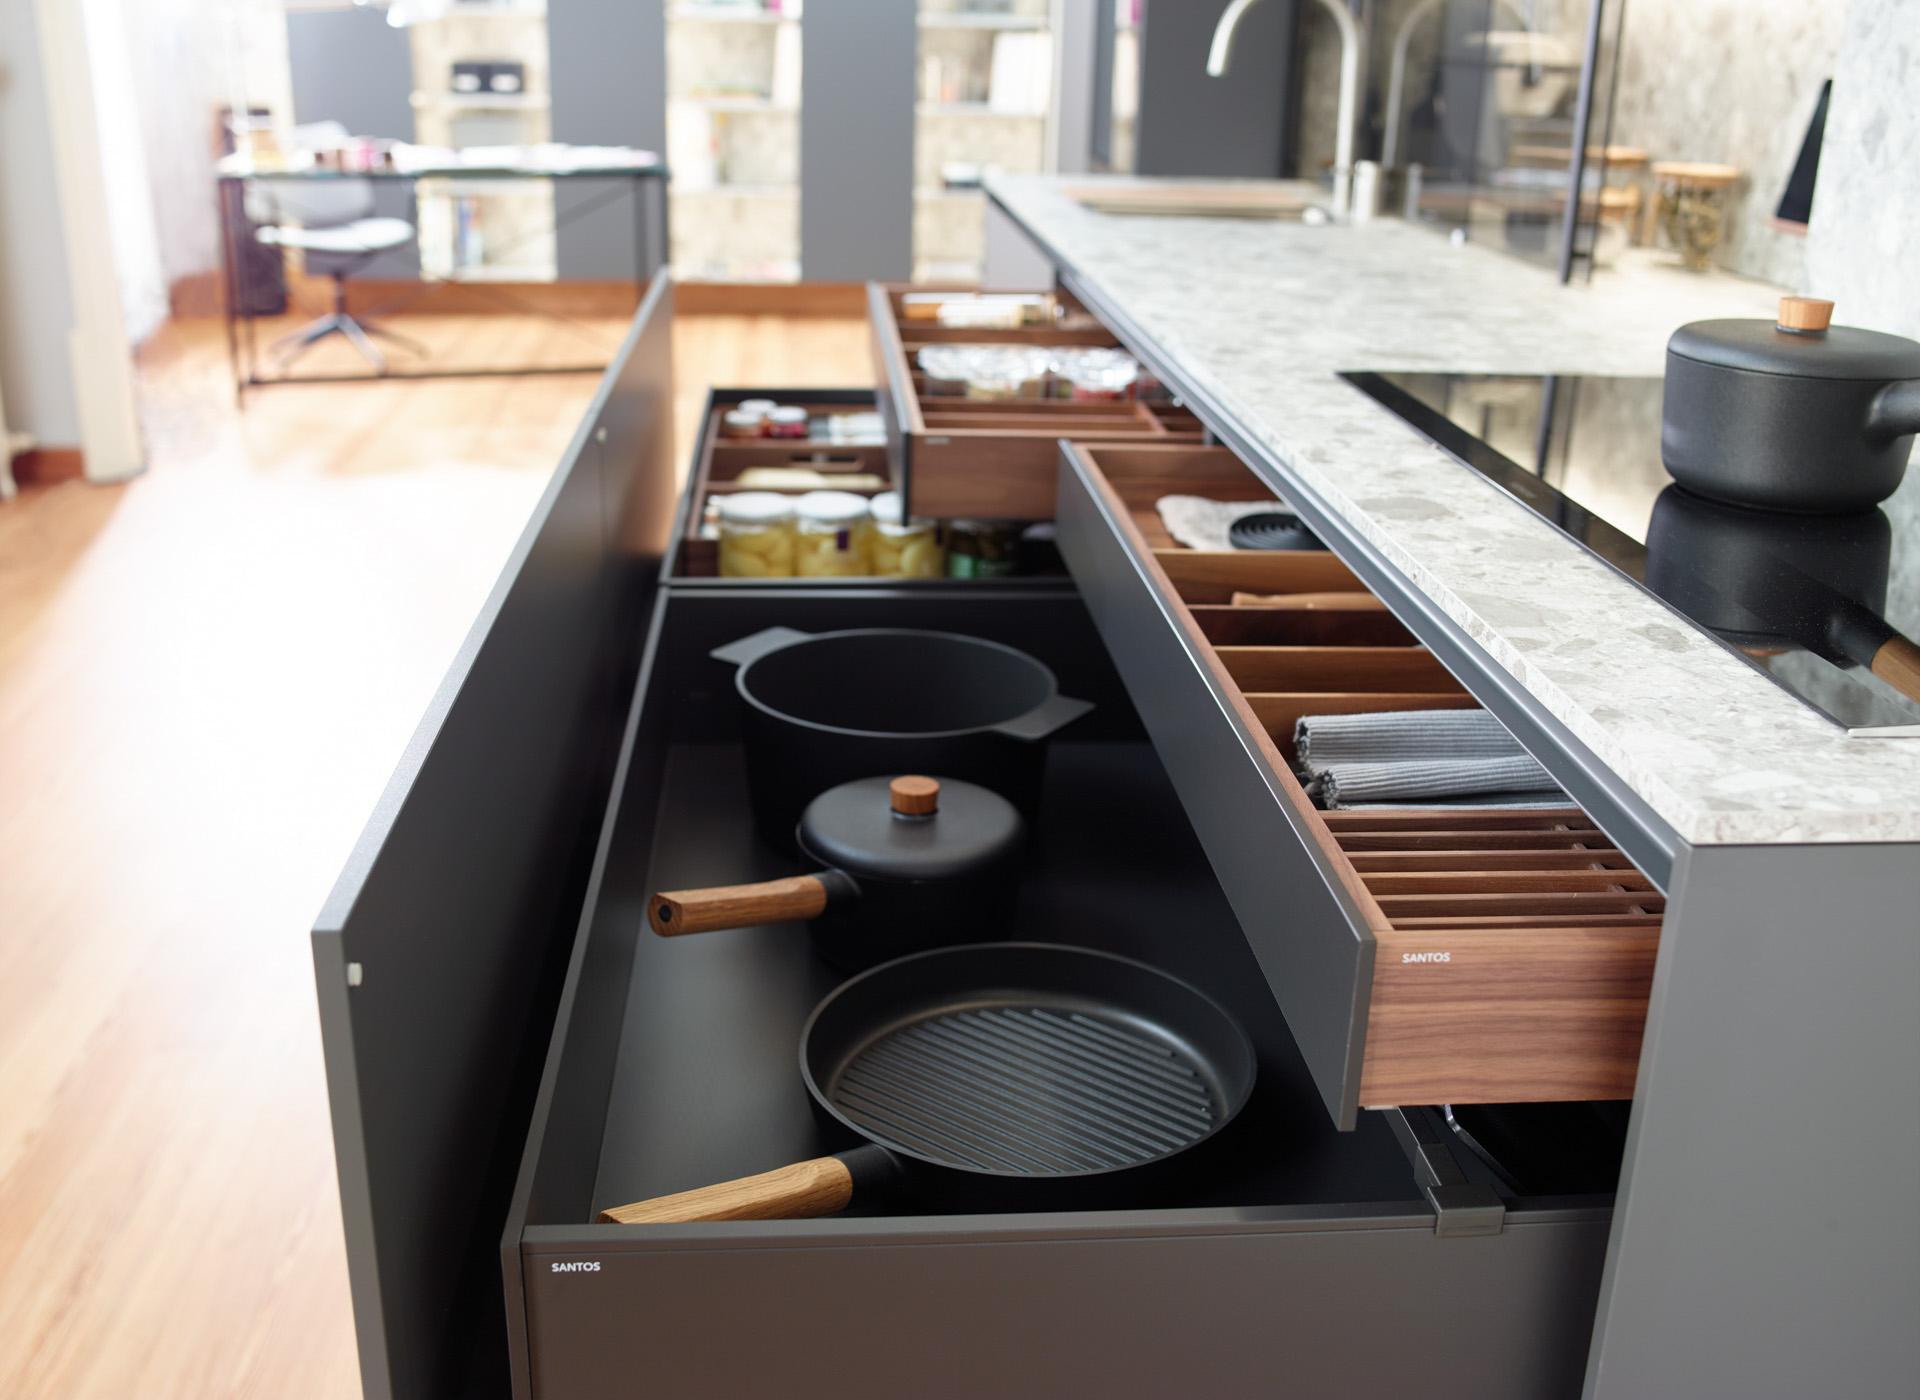 Cajones zócalo de almacenamiento en cocina lineal